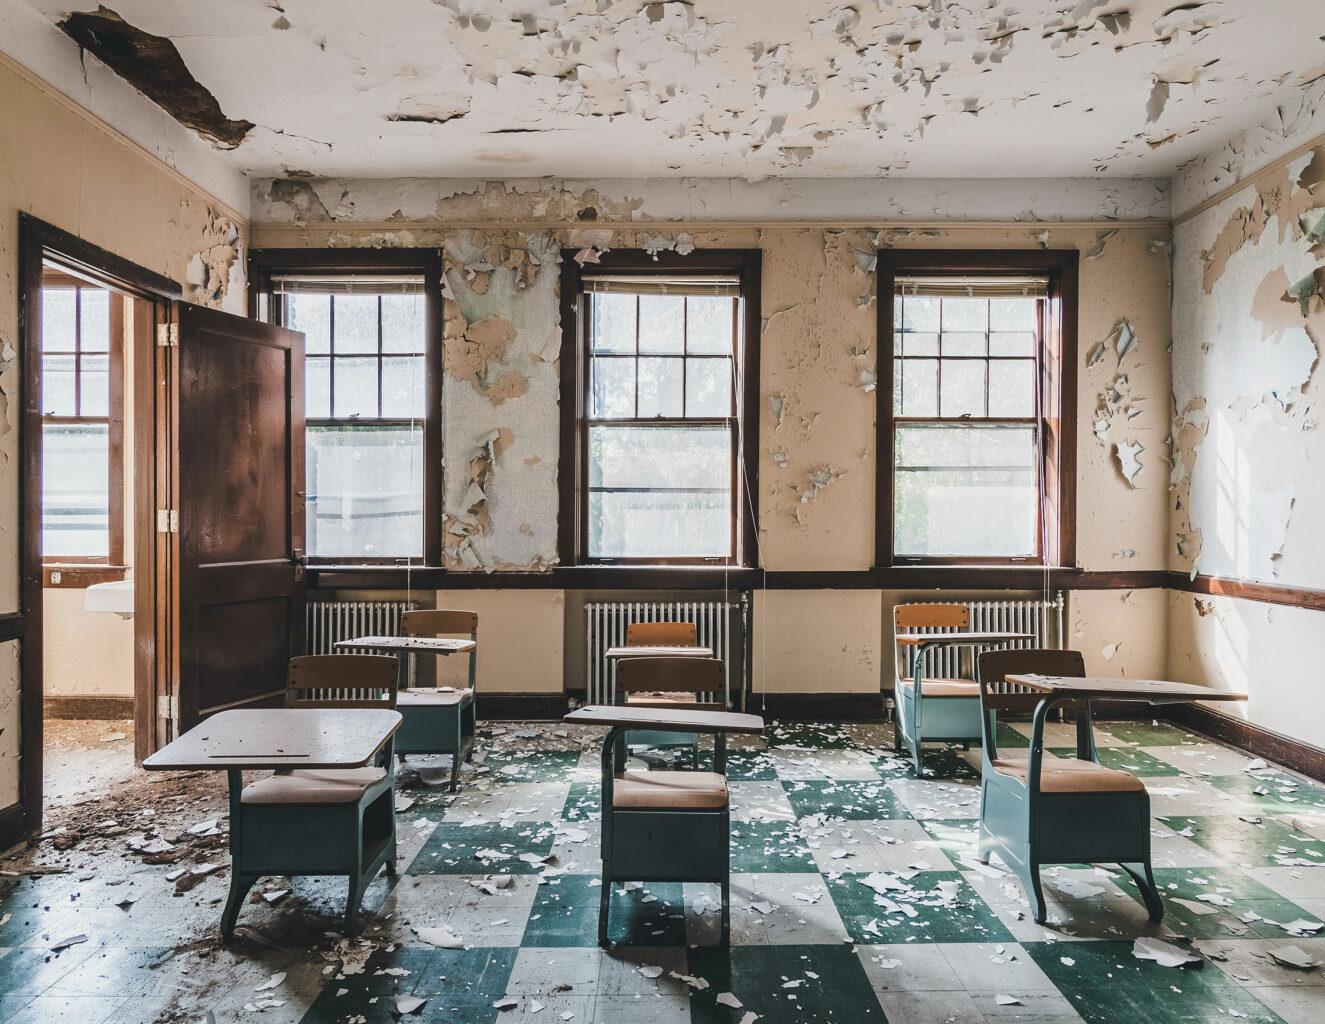 Verlassenes und heruntergekommenes Klassenzimmer